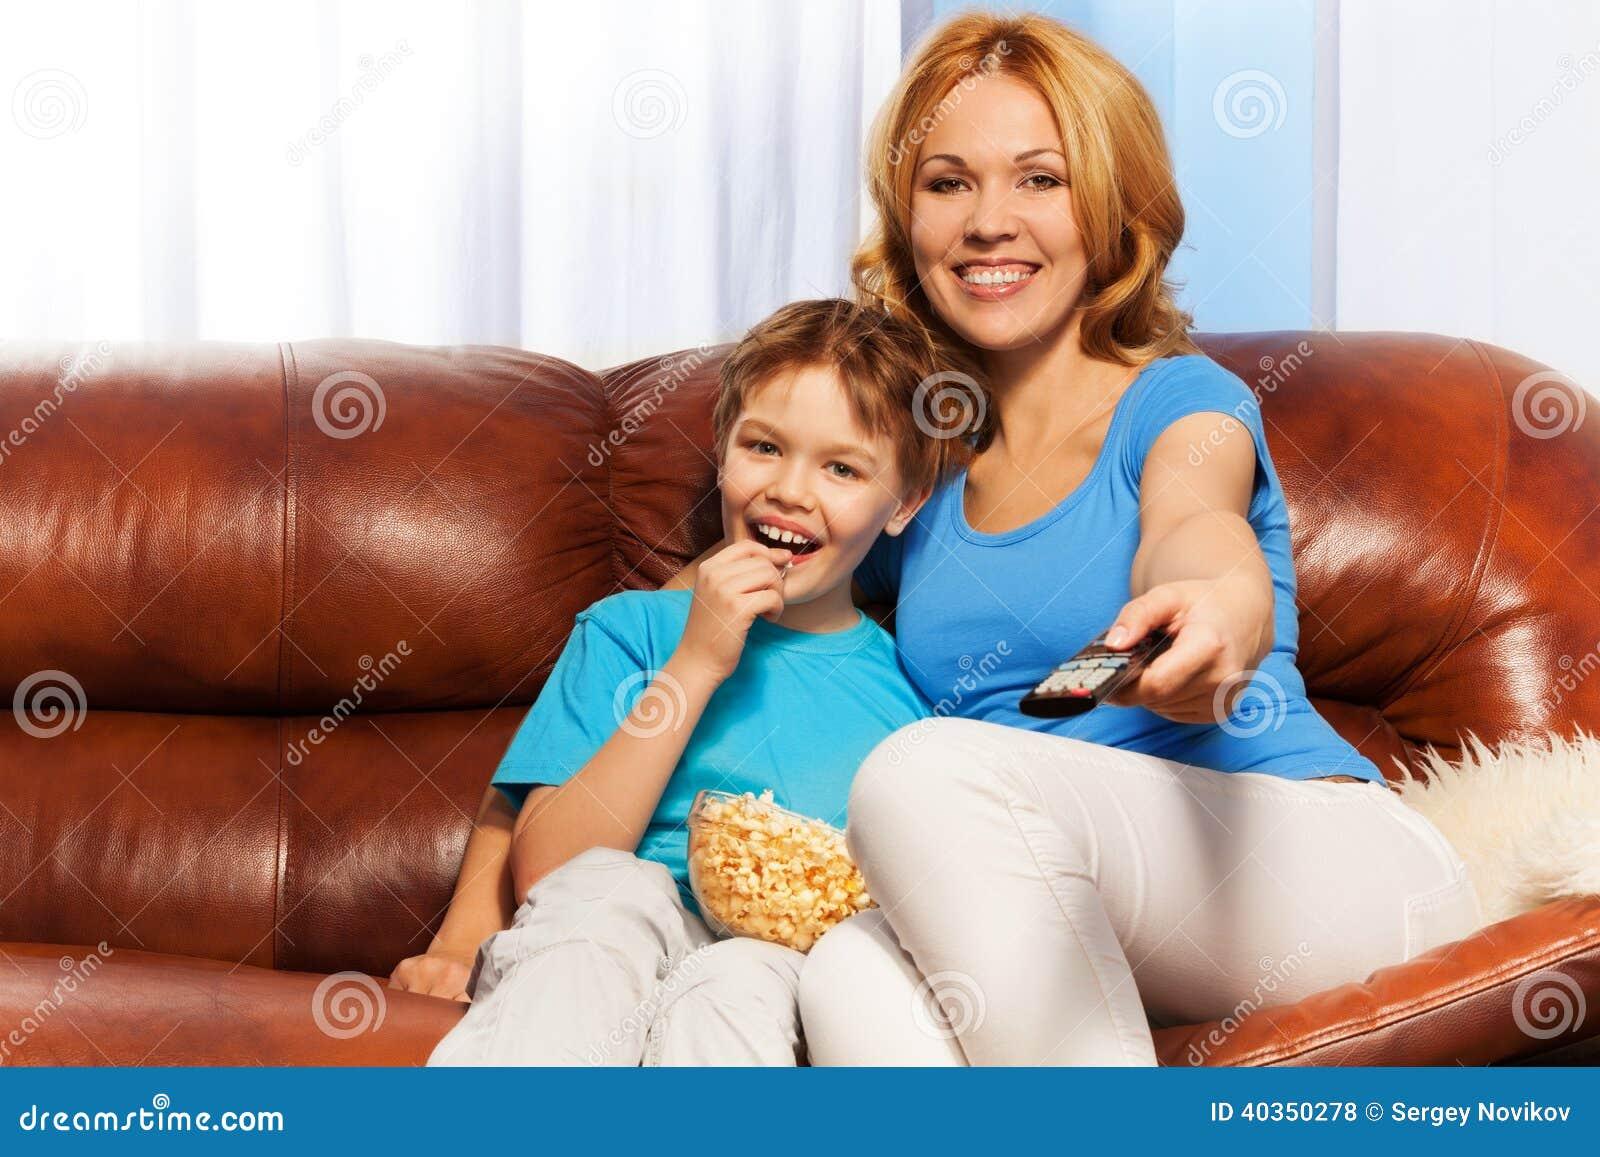 Секс сын трахает мать на диване, Порно русских мамочек, сын трахает маму 22 фотография